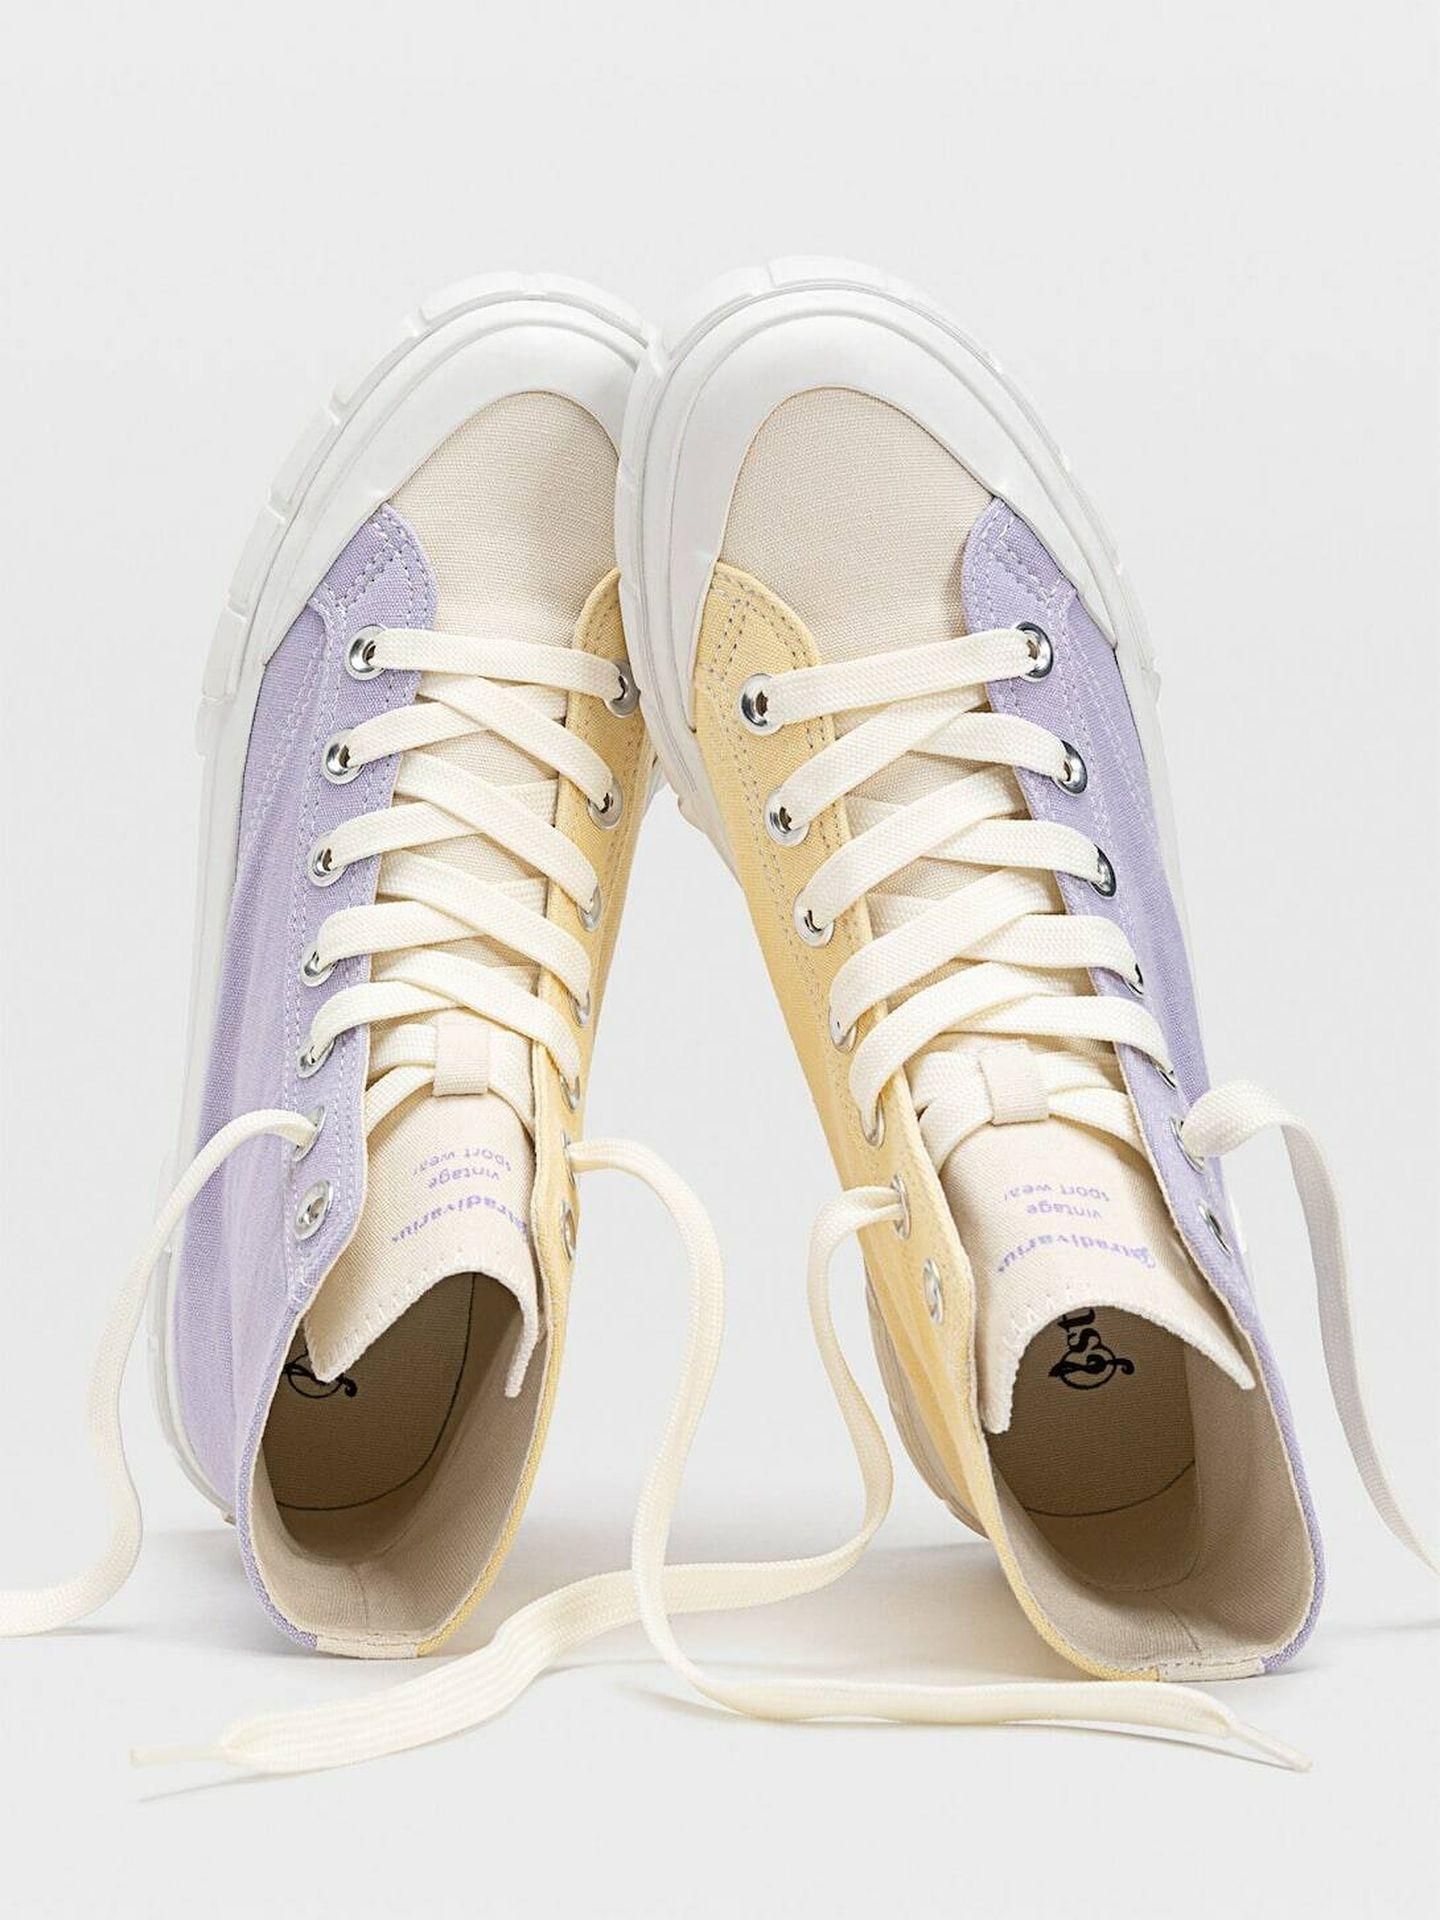 Zapatillas deportivas rejuvenecedoras de Stradivarius. (Cortesía)